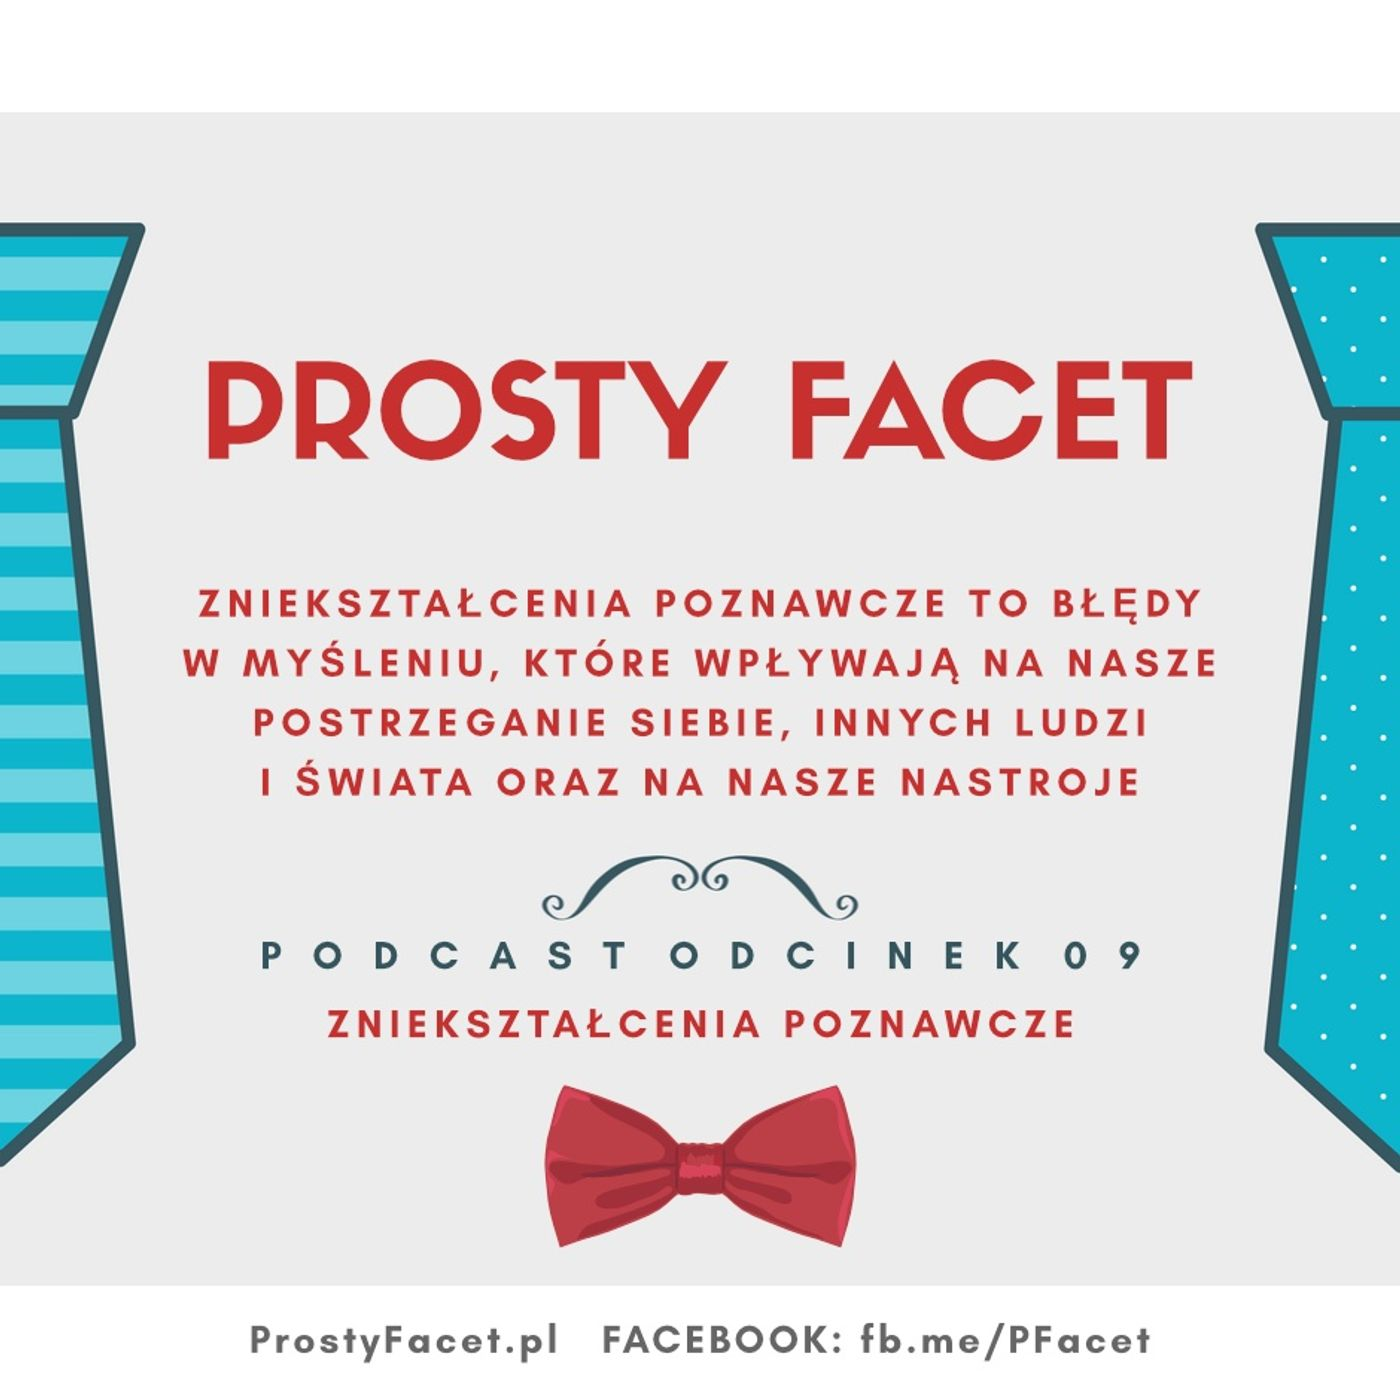 Prosty Facet #09 Zniekształcenia poznawcze - błędy, które wiele kosztują!